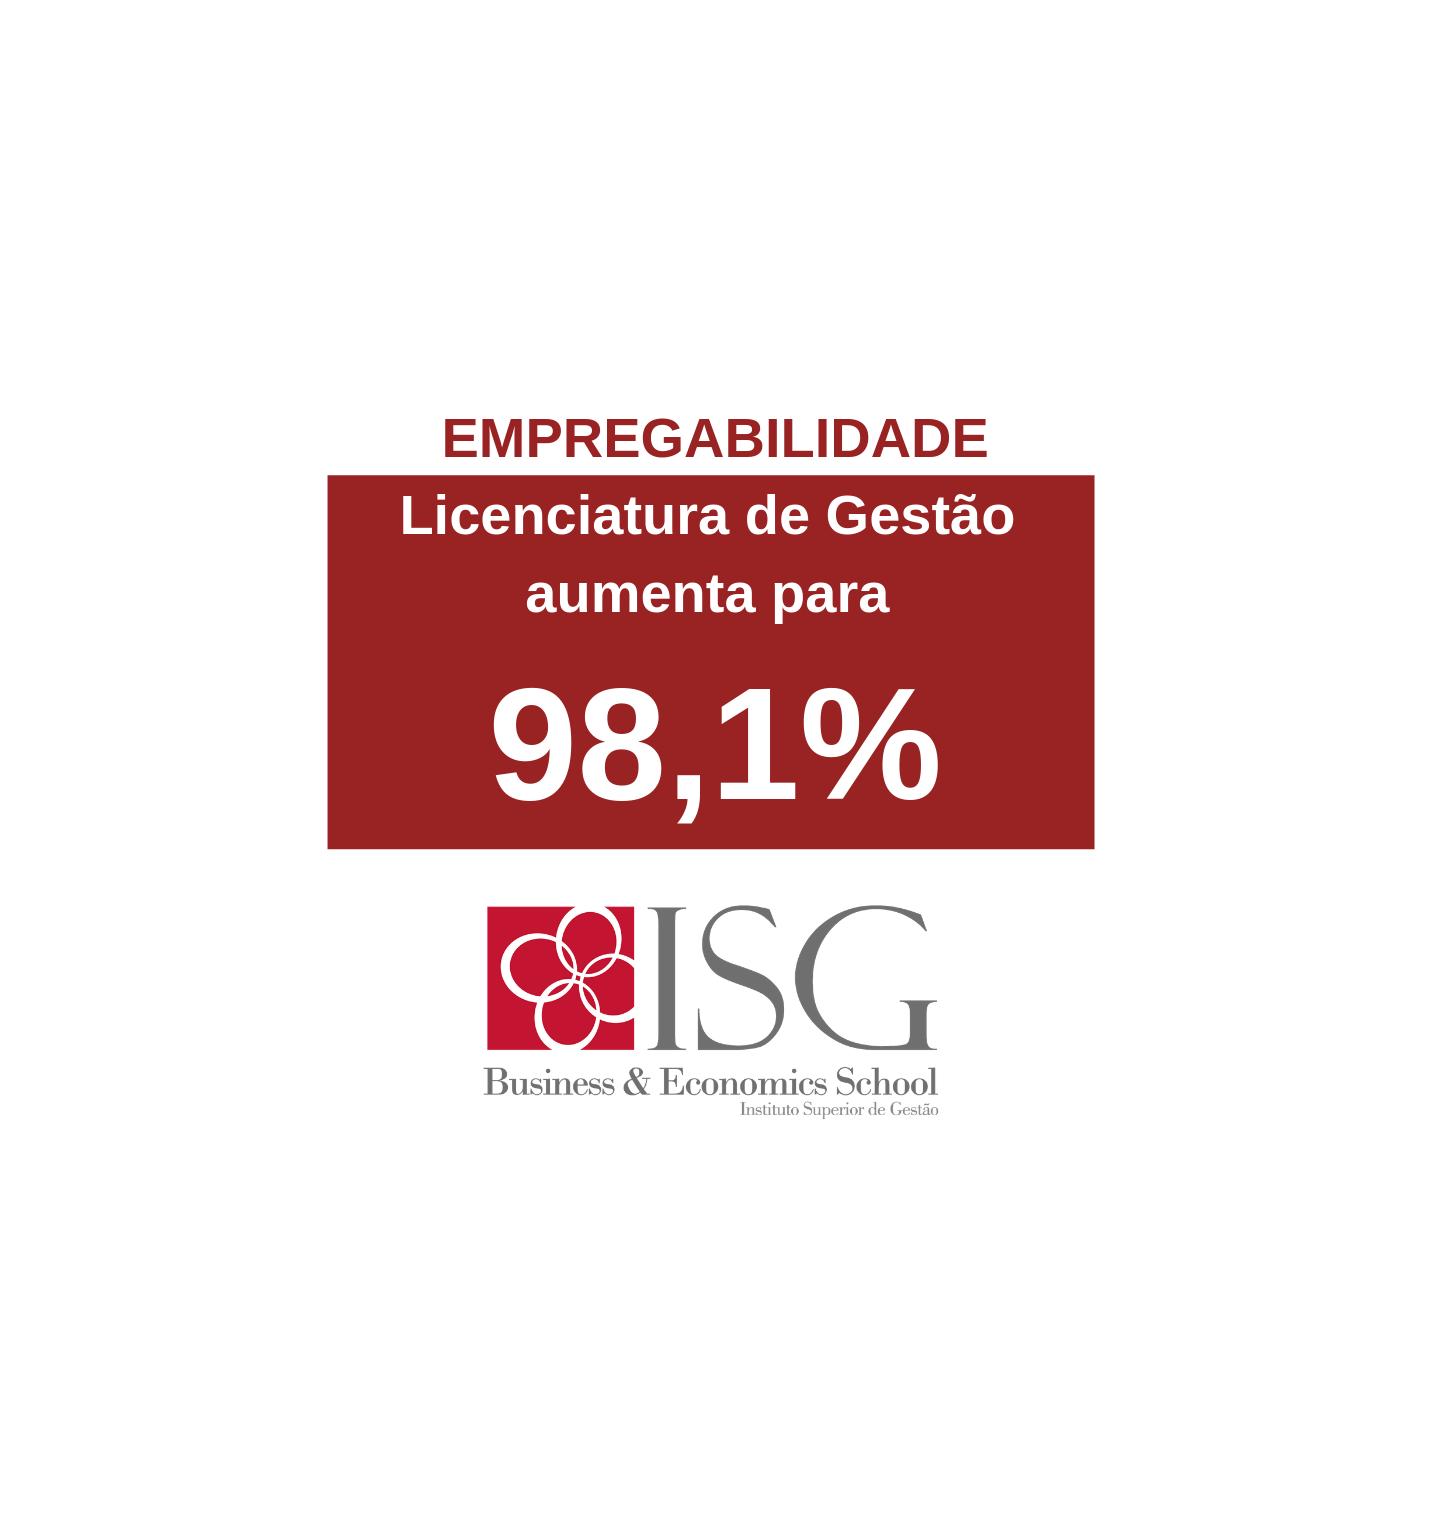 Empregabilidade do Curso de Gestão do ISG, aumenta para 98,1%